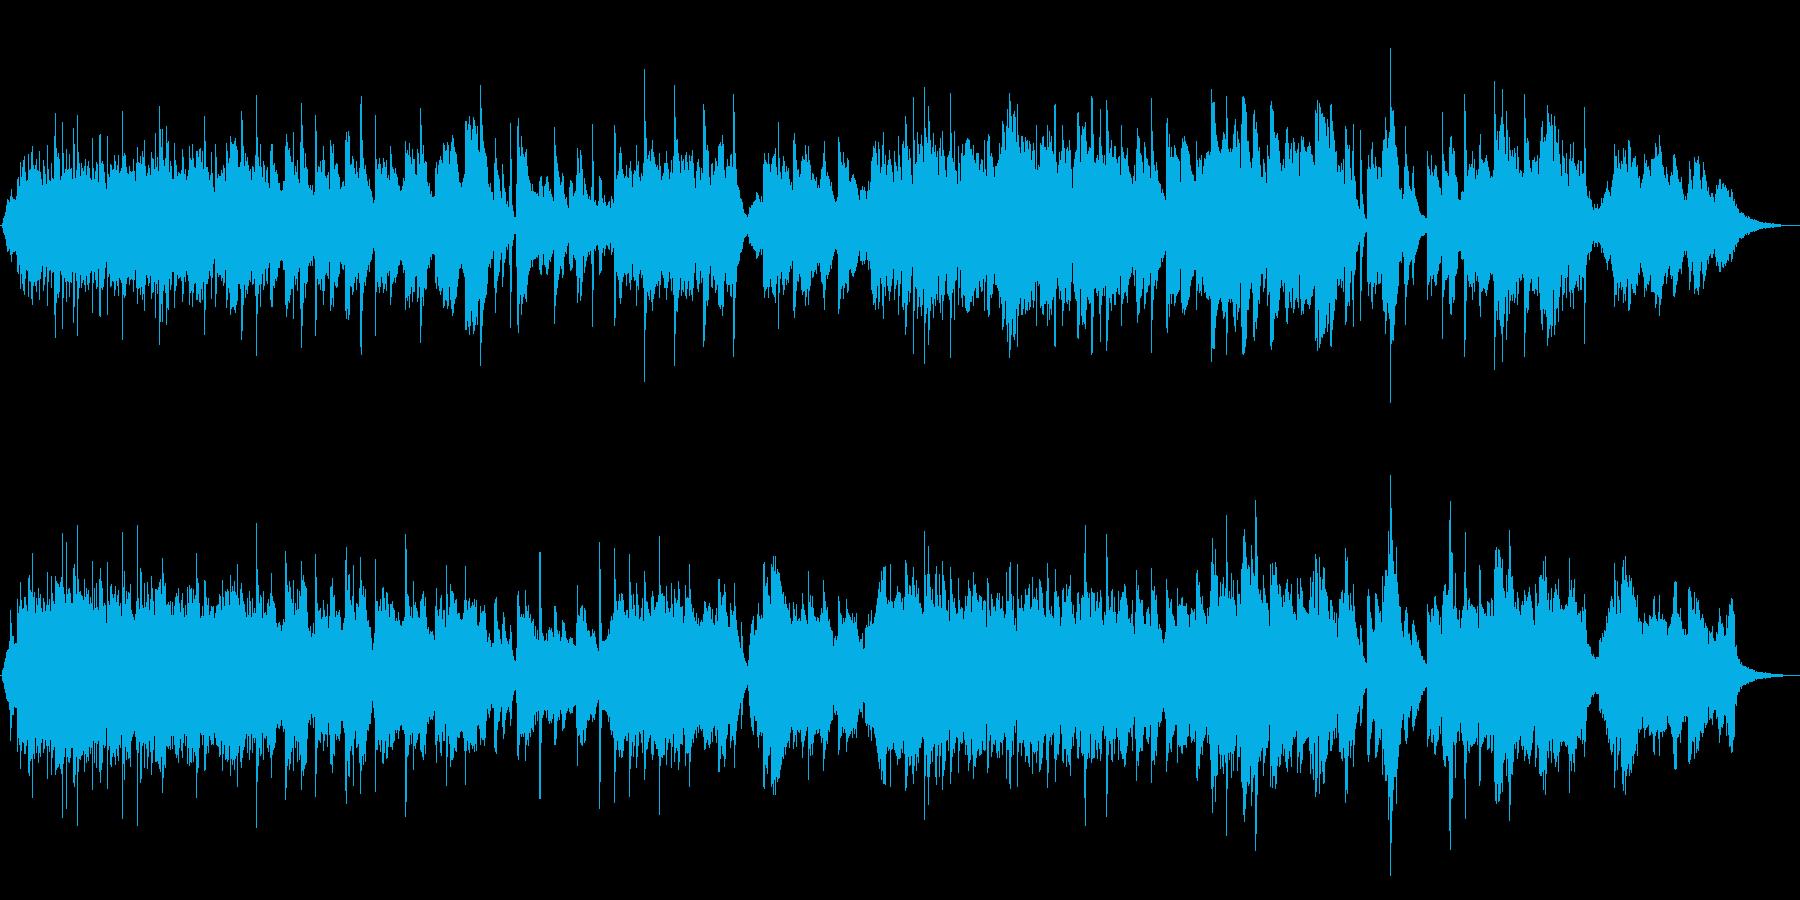 琴とシンセの音色に癒されるヒーリングの再生済みの波形